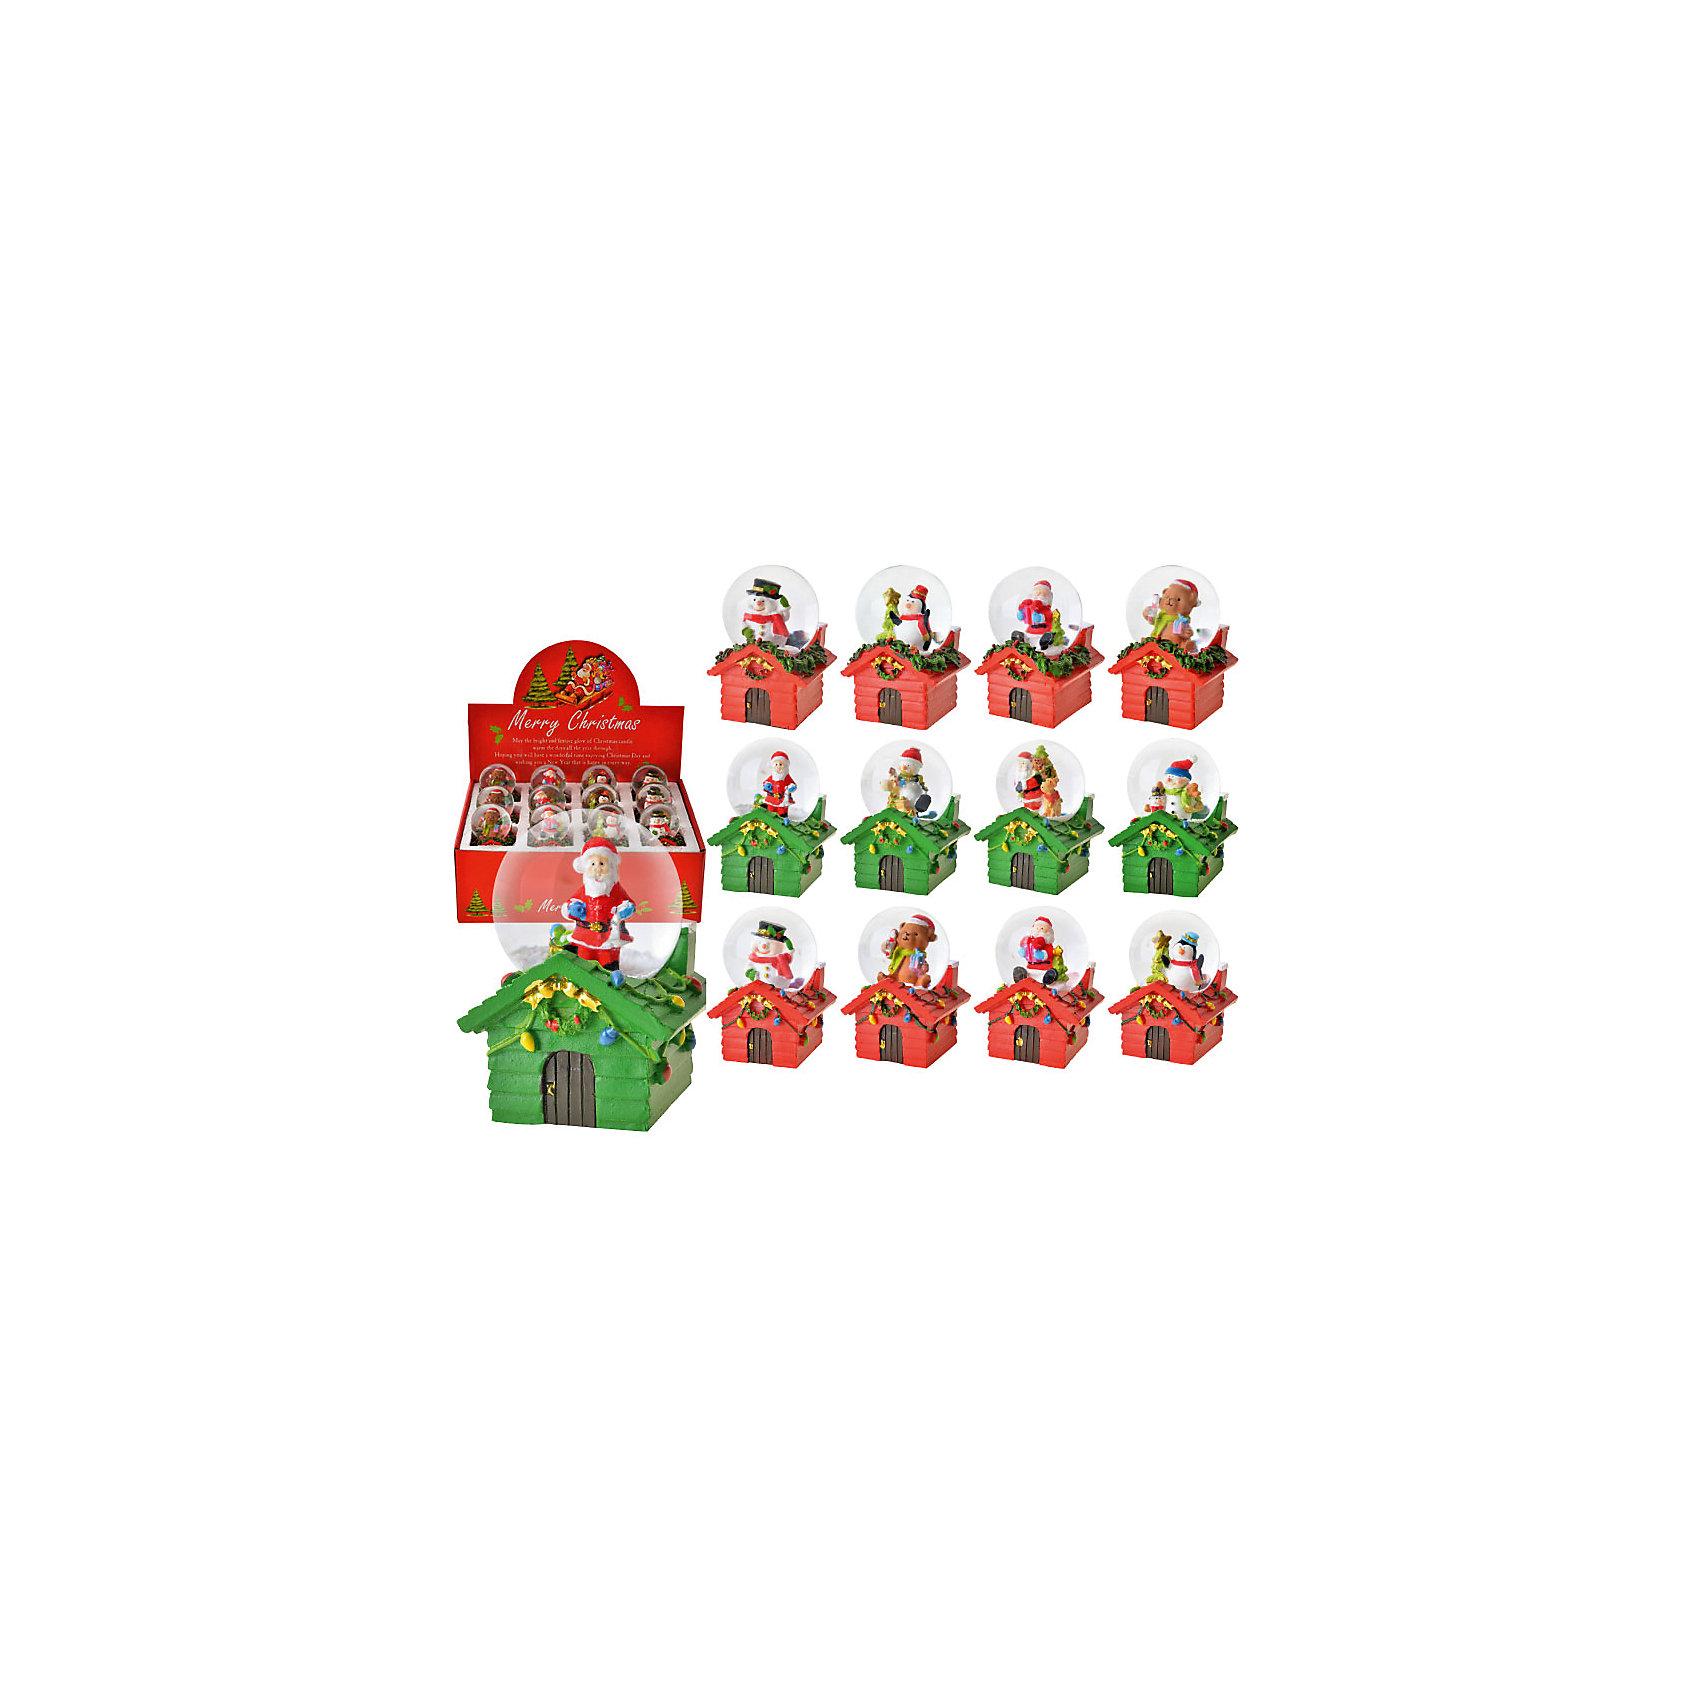 Снежный водяной шар Домик, в ассортиментеНовинки Новый Год<br>Очаровательный шарик станет прекрасным праздничным сувениром. Стоит только потрясти его - и случится новогоднее чудо: внутри маленького шарика пойдет настоящий снег, снежинки будут кружиться в танце, завораживая и создавая атмосферу праздника. <br><br>Дополнительная информация:<br><br>- Материал: пластик.<br>- Размер: 7х5х5х см.<br>- 12 штук в ассортименте.<br>ВНИМАНИЕ! Данный артикул представлен в разных вариантах исполнения. К сожалению, заранее выбрать определенный вариант невозможно. При заказе нескольких шаров возможно получение одинаковых.<br><br>Снежный водяной шар Домик, в ассортименте, можно купить в нашем магазине.<br><br>Ширина мм: 70<br>Глубина мм: 50<br>Высота мм: 50<br>Вес г: 250<br>Возраст от месяцев: 36<br>Возраст до месяцев: 2147483647<br>Пол: Унисекс<br>Возраст: Детский<br>SKU: 4293035